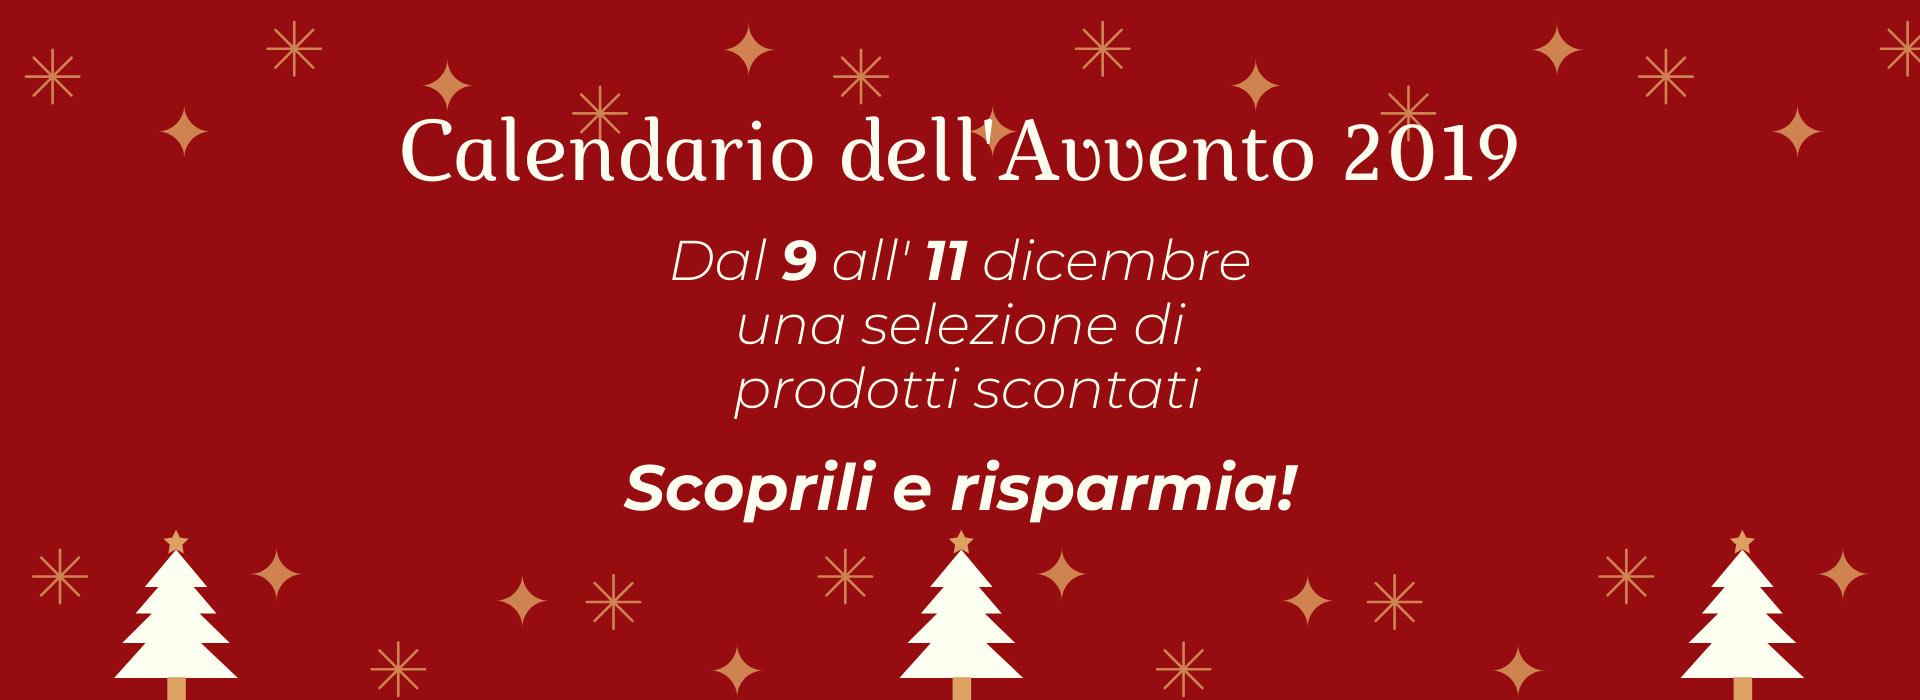 Calendario dell'Avvento: dal 9 all'11 dicembre una selezione di prodotti scontati. Scoprili e risparmia!